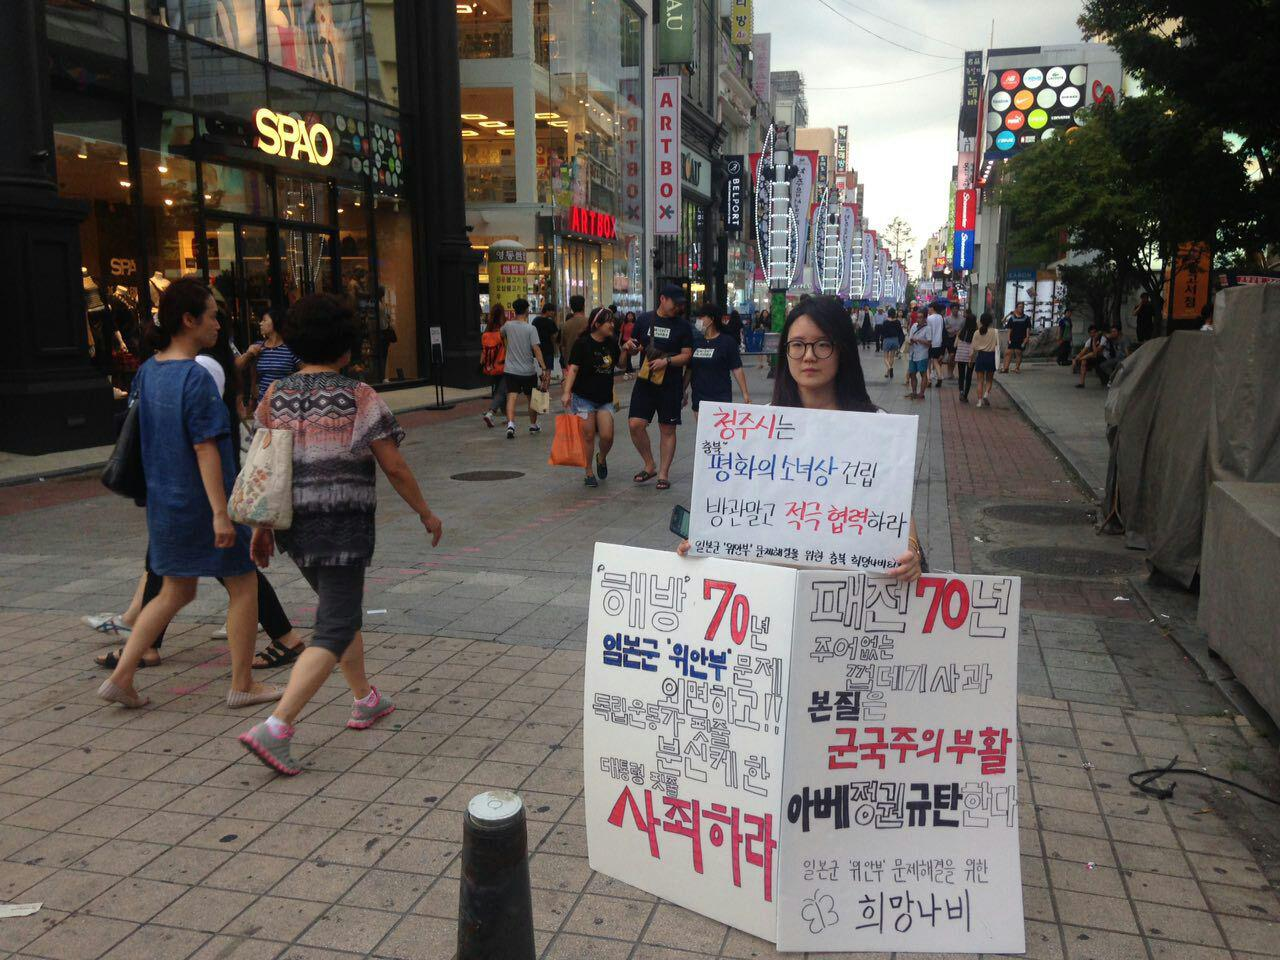 청주 1인시위 청주 성안길에서 일본군'위안부'문제해결을위한충북희망나비회원이 청주시를 규탄하는 내용의 피켓과 함께 1인시위를 진행하고 있다.